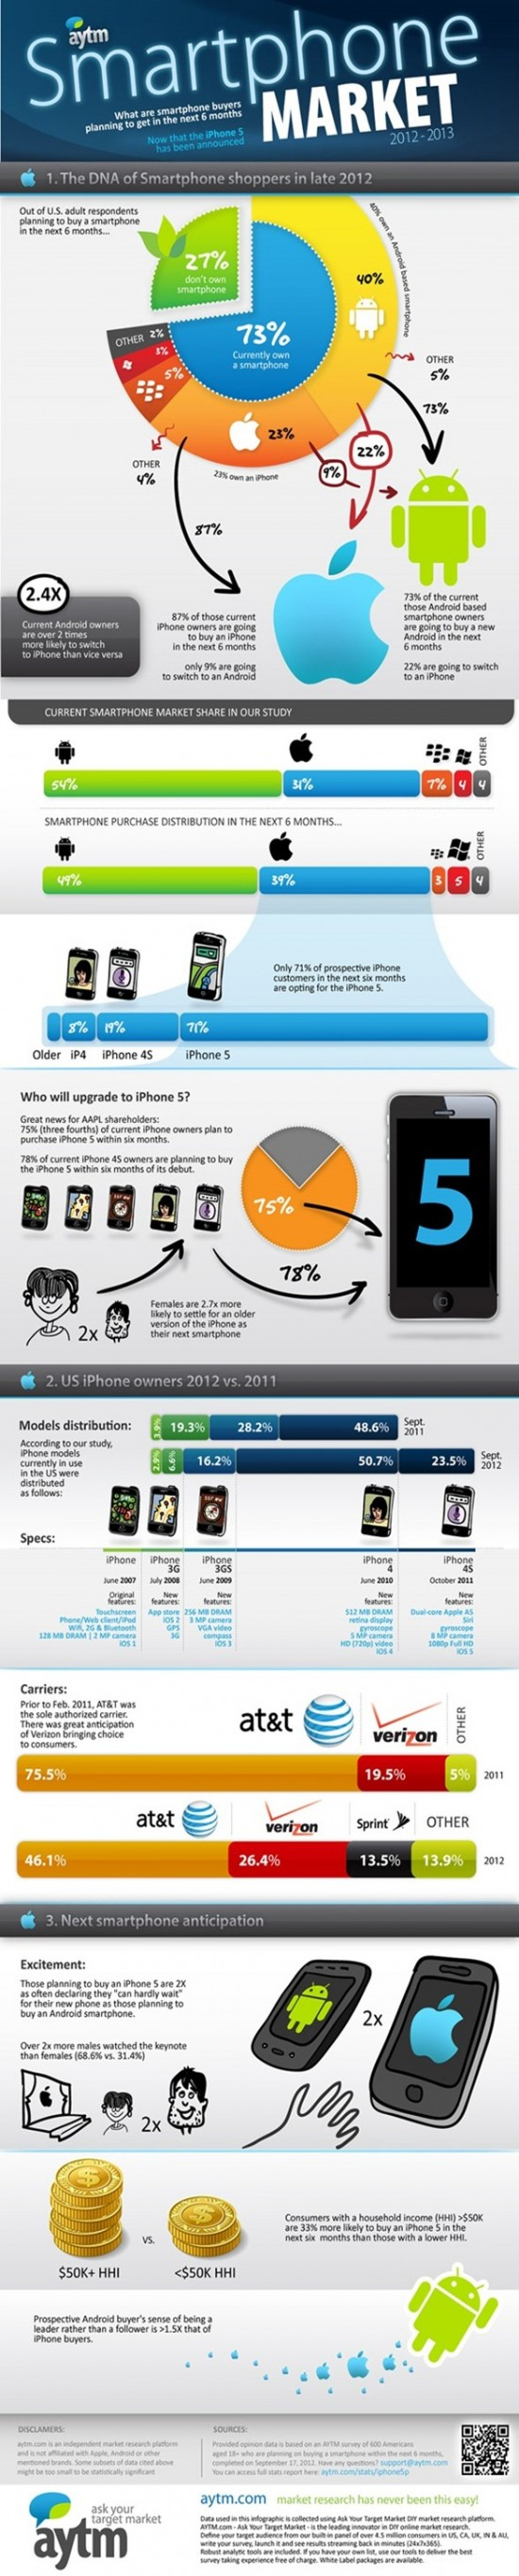 iPhone 5 2012 infographic